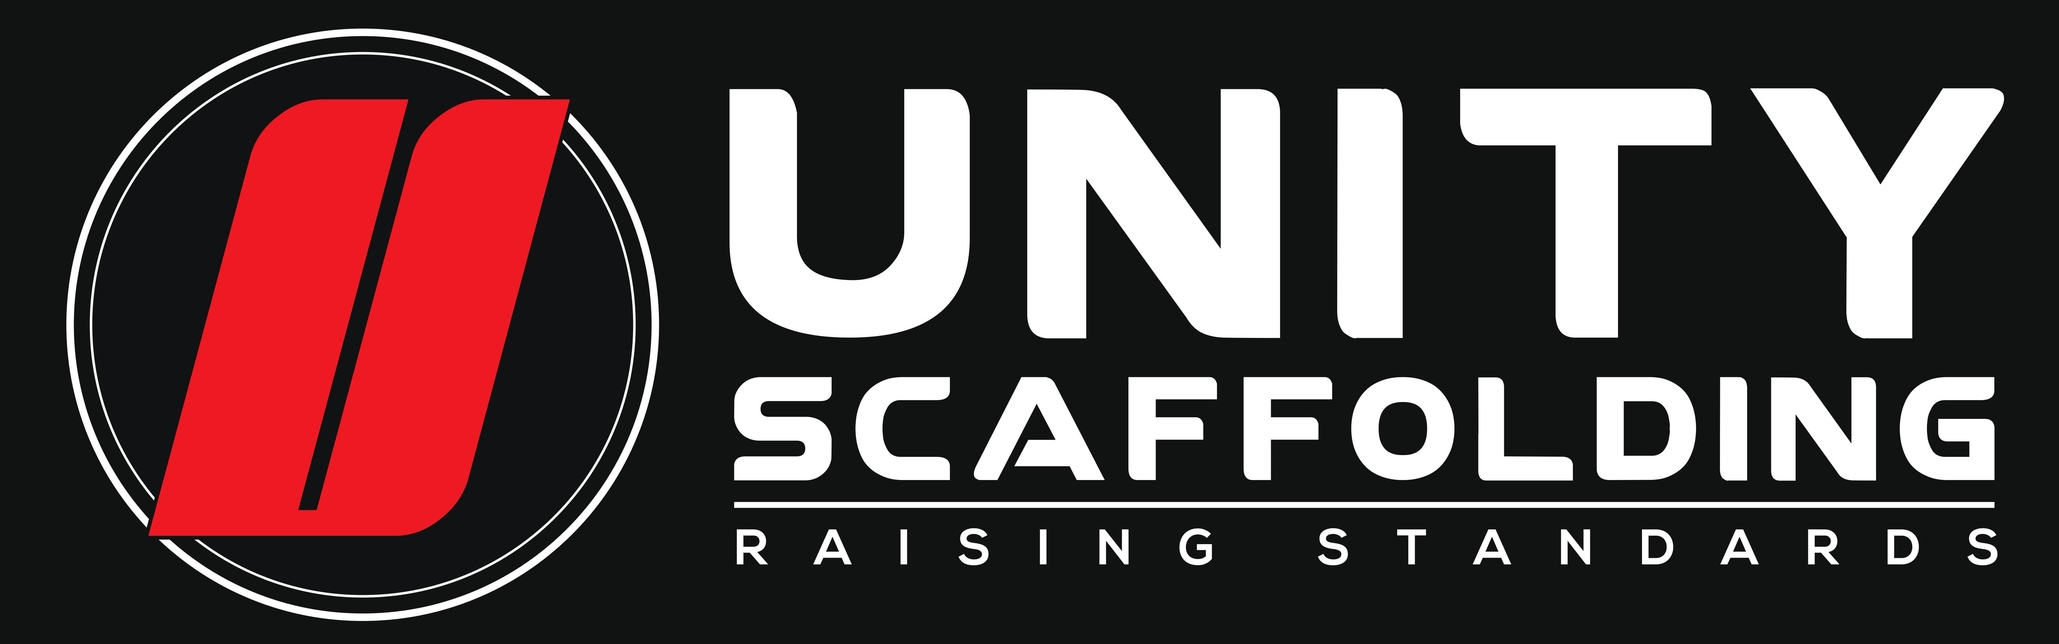 Unity Scaffolding